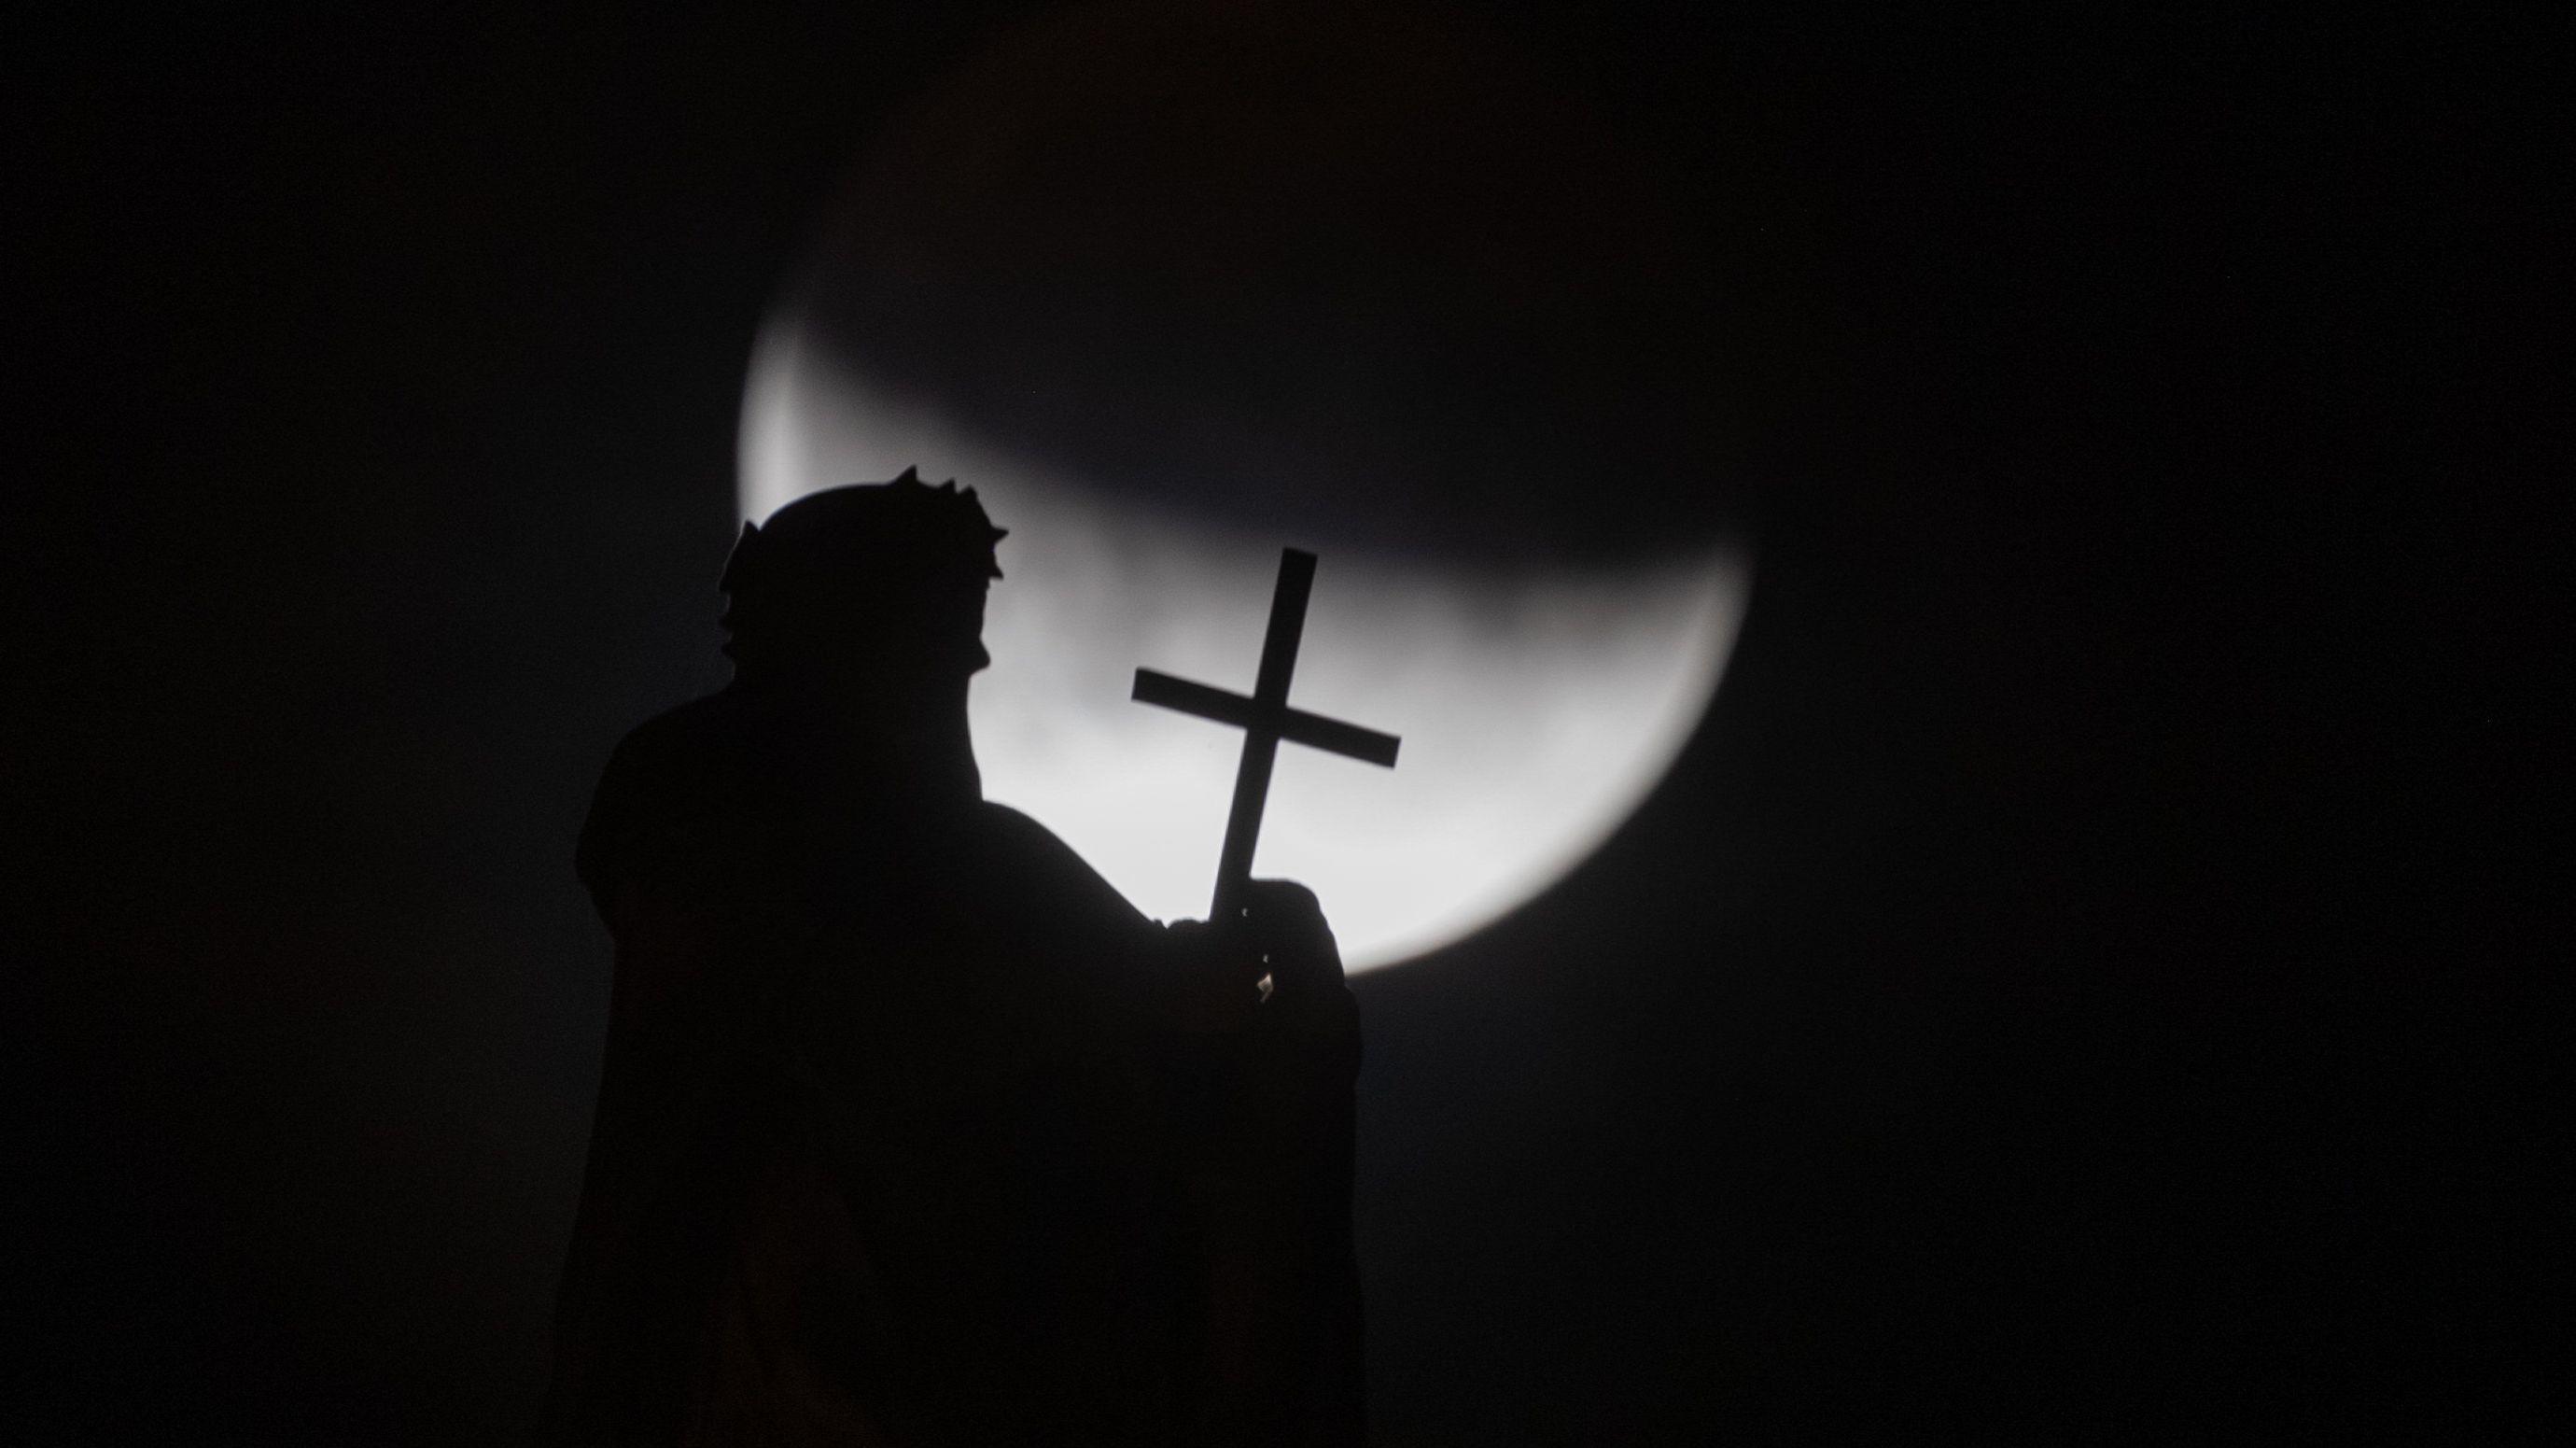 Dresden: Der Mond ist während einer partiellen Mondfinsternis hinter einer der Mattielli-Statuen auf der Katholischen Hofkirche zu sehen.